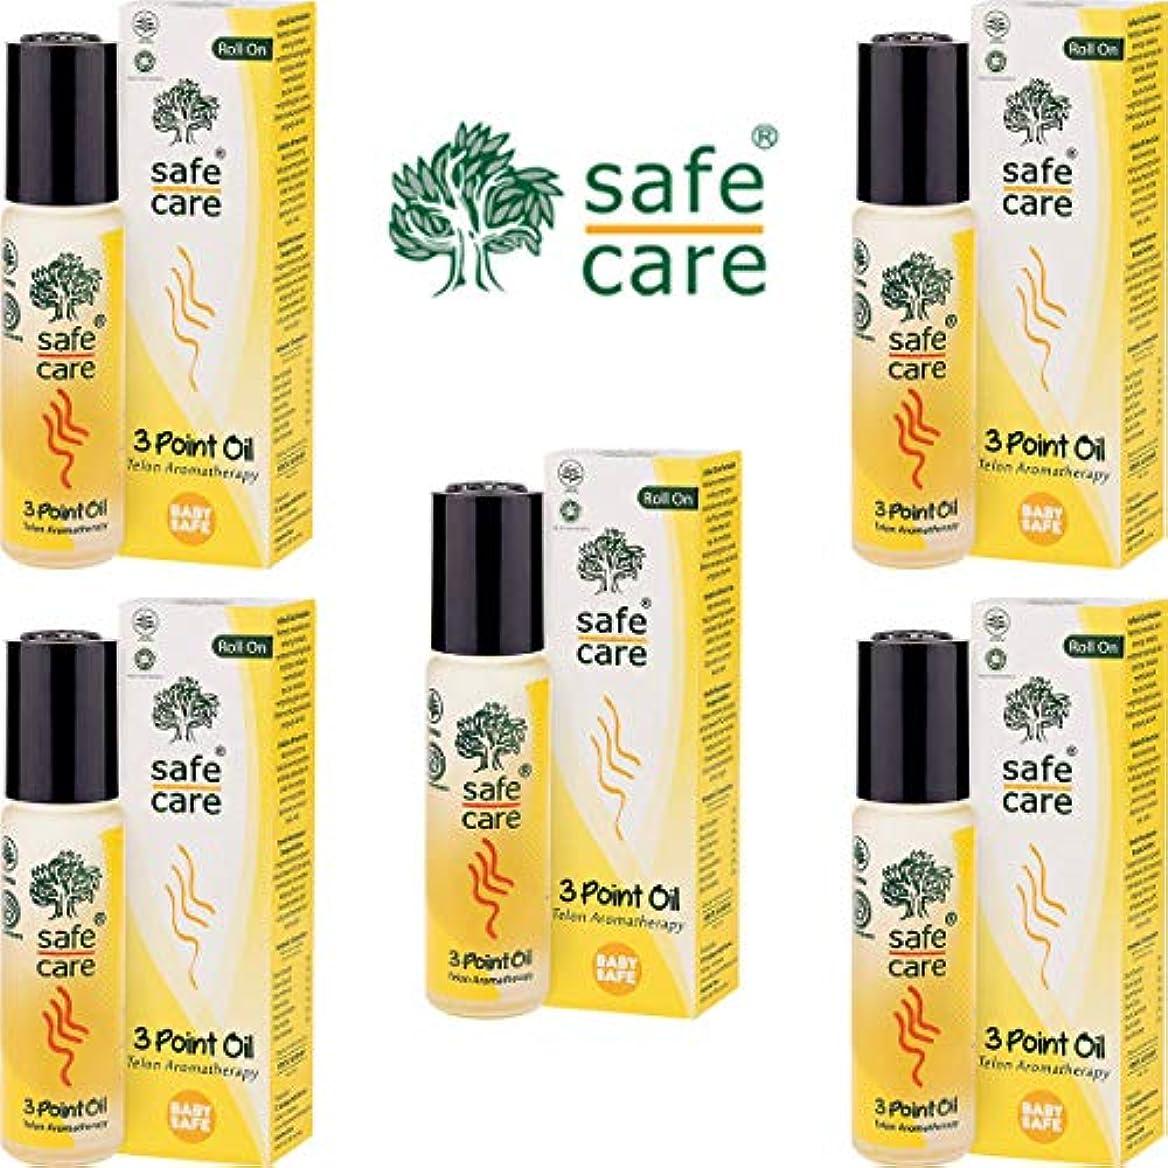 空中掻くナチュラルSafe Care セーフケア Aromatherapy Telon 3Point Oil アロマテラピー リフレッシュオイル テロン3ポイントオイル ロールオン 10ml×5本セット [海外直送品]